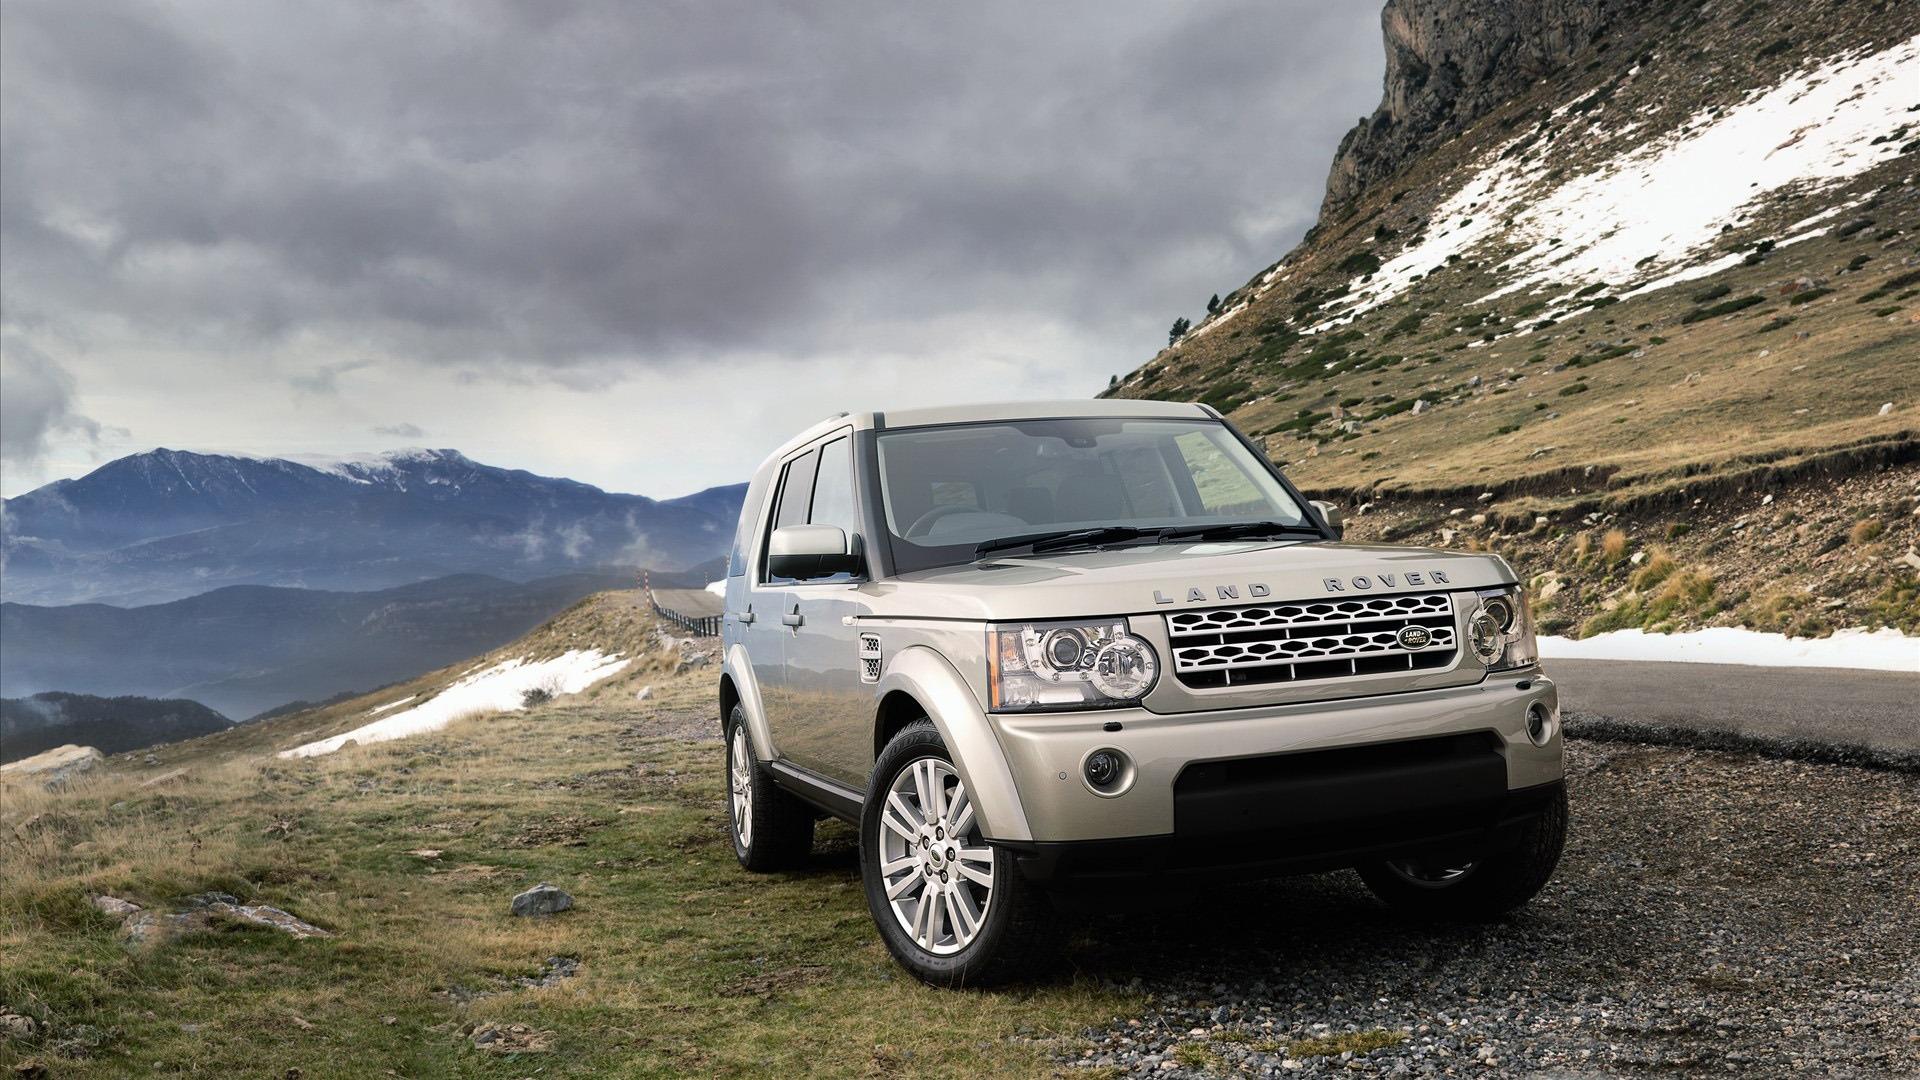 路虎揽胜 Land Rover Range Rover 高清桌面壁纸 1920x1080下载